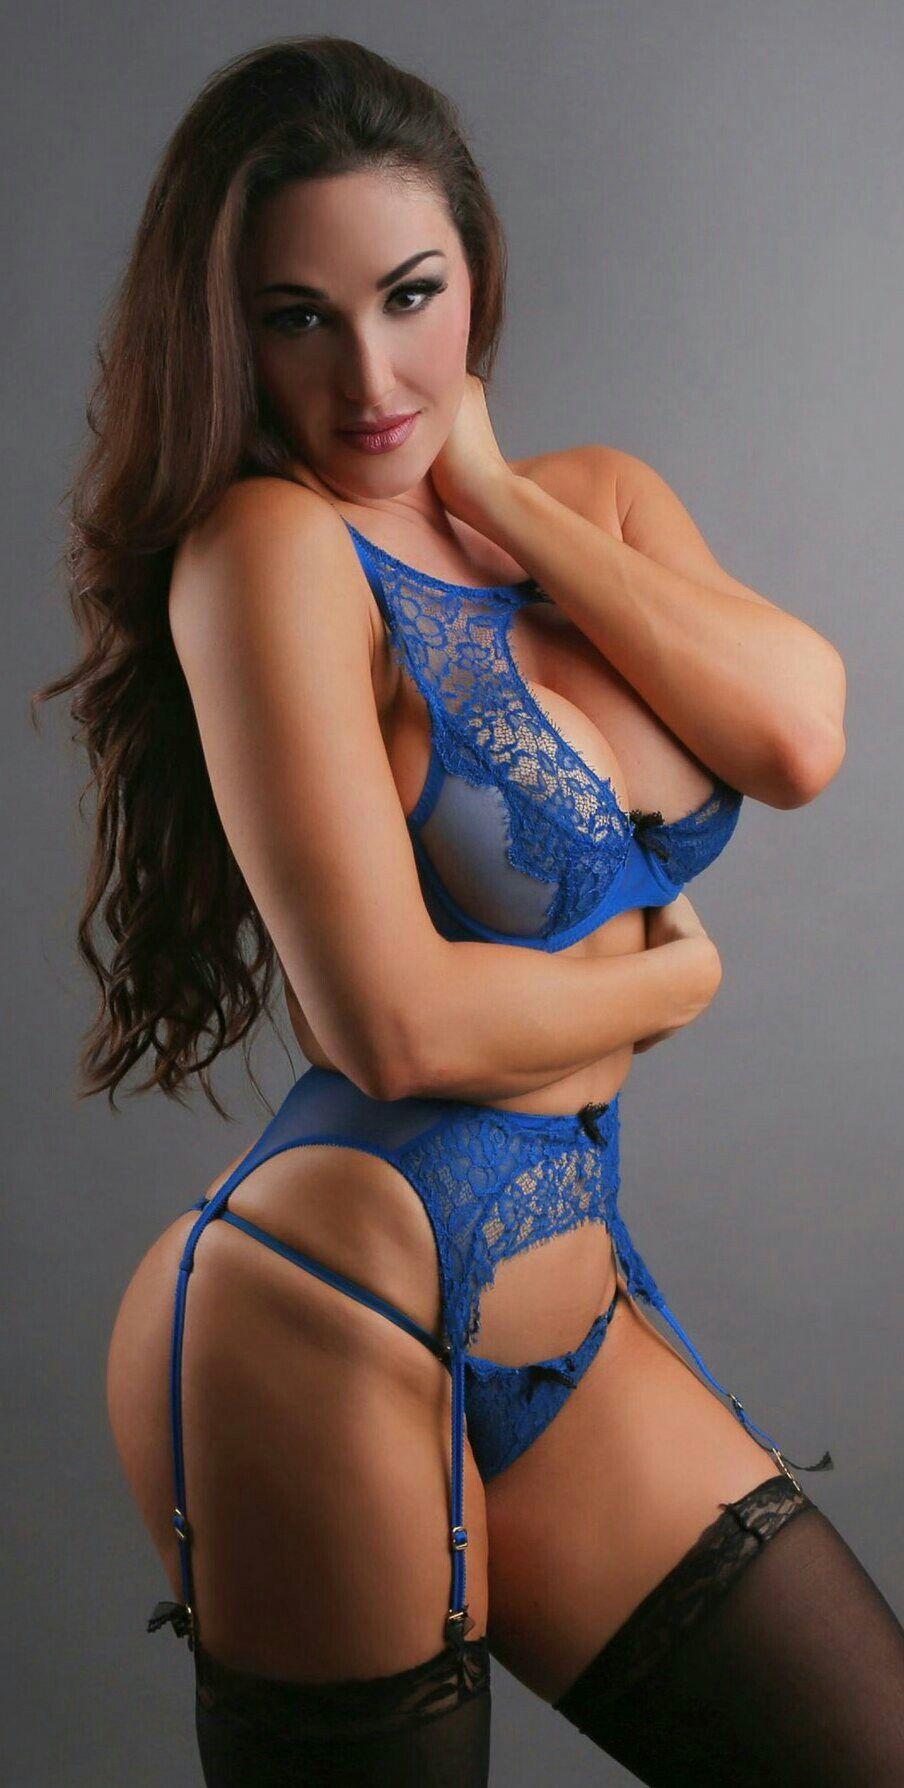 Similar. pity, girl in blue lingerie seems remarkable